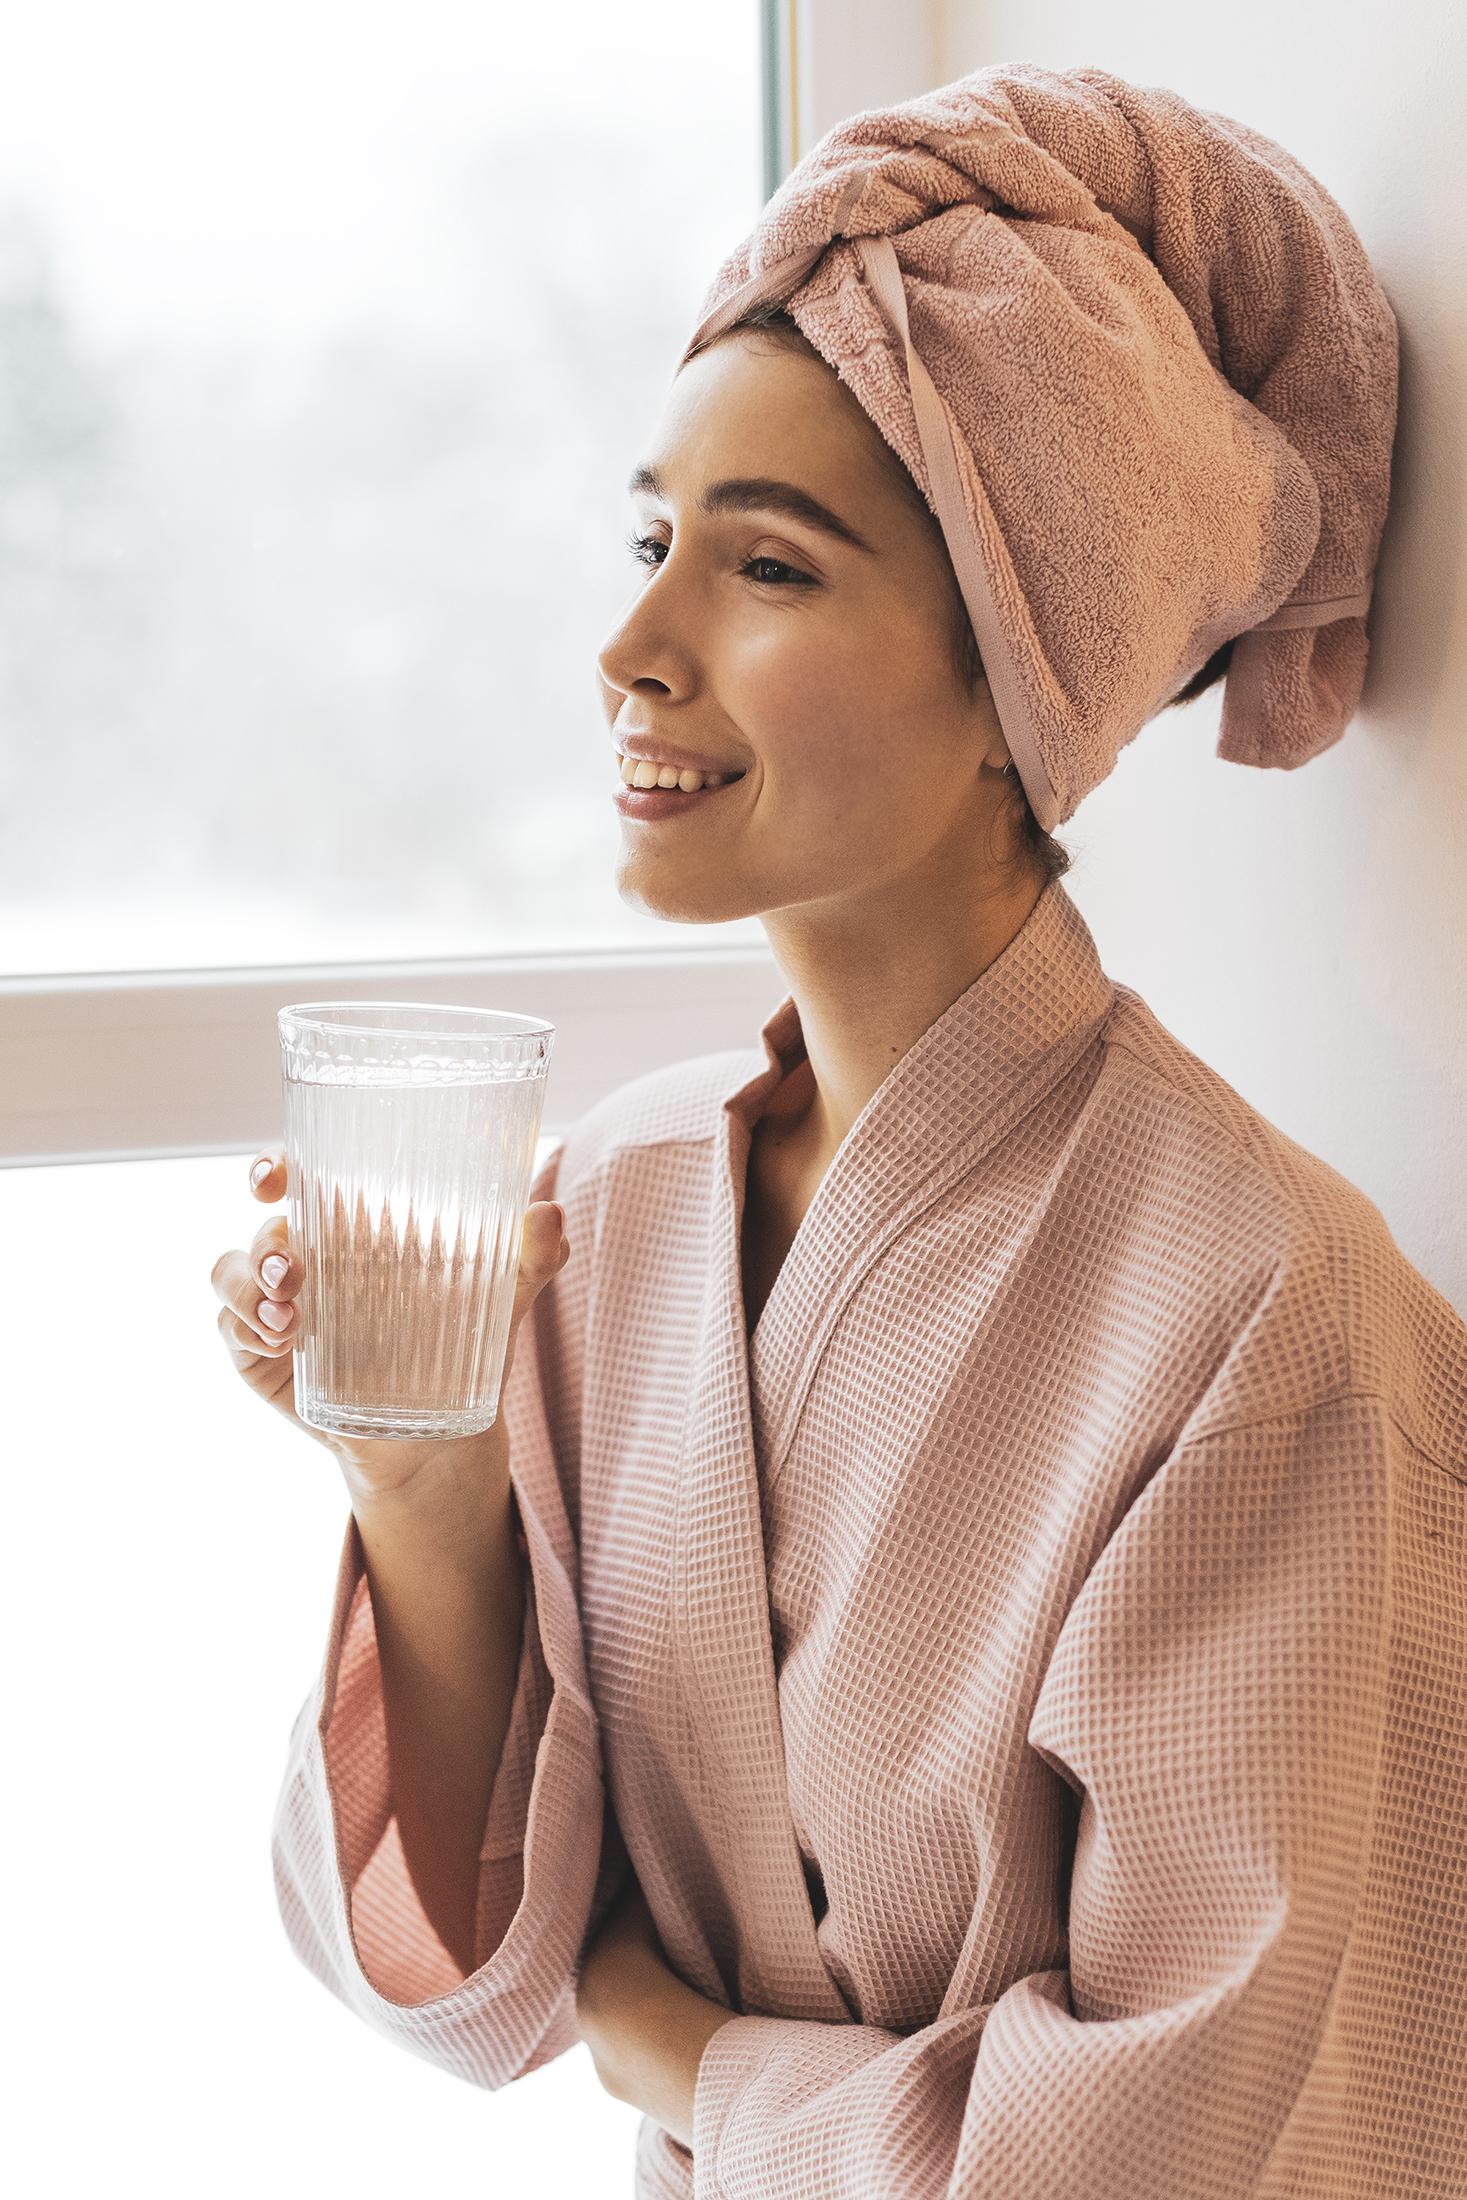 fotograf beauty warszawa, fotograf produktowy kosmetyków, fotograf kosmetyków, beauty photographer warsaw, creative product photographer warsaw